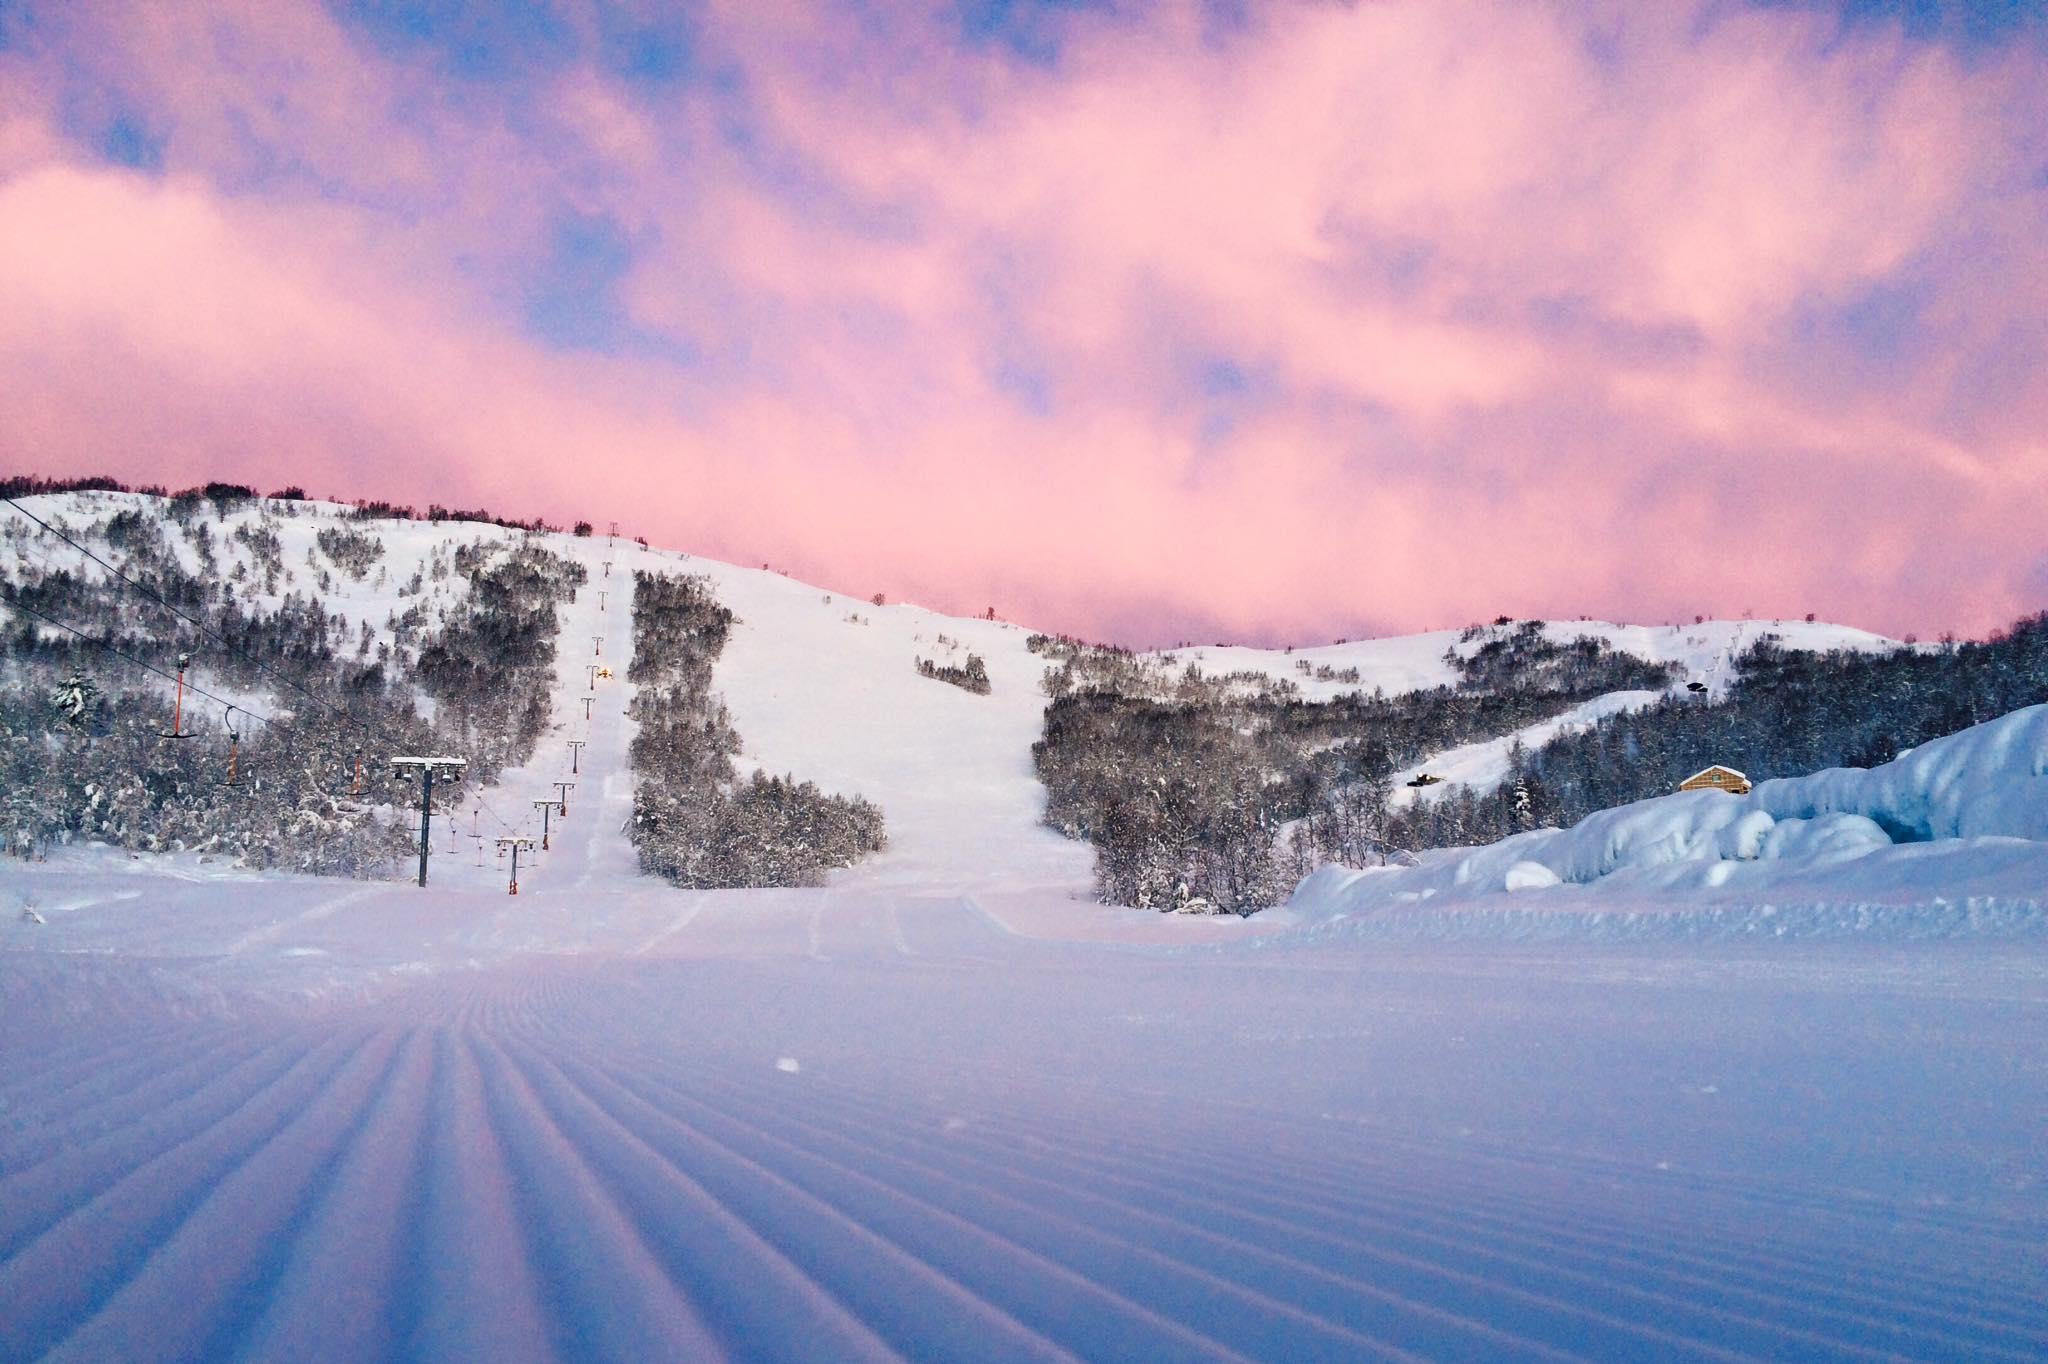 Ein del skianlegg i Norge vil bli negativt påverka av klimaendringar etter kvart som milde vintrar blir vanlegare. Foto: Recbecca Sortland